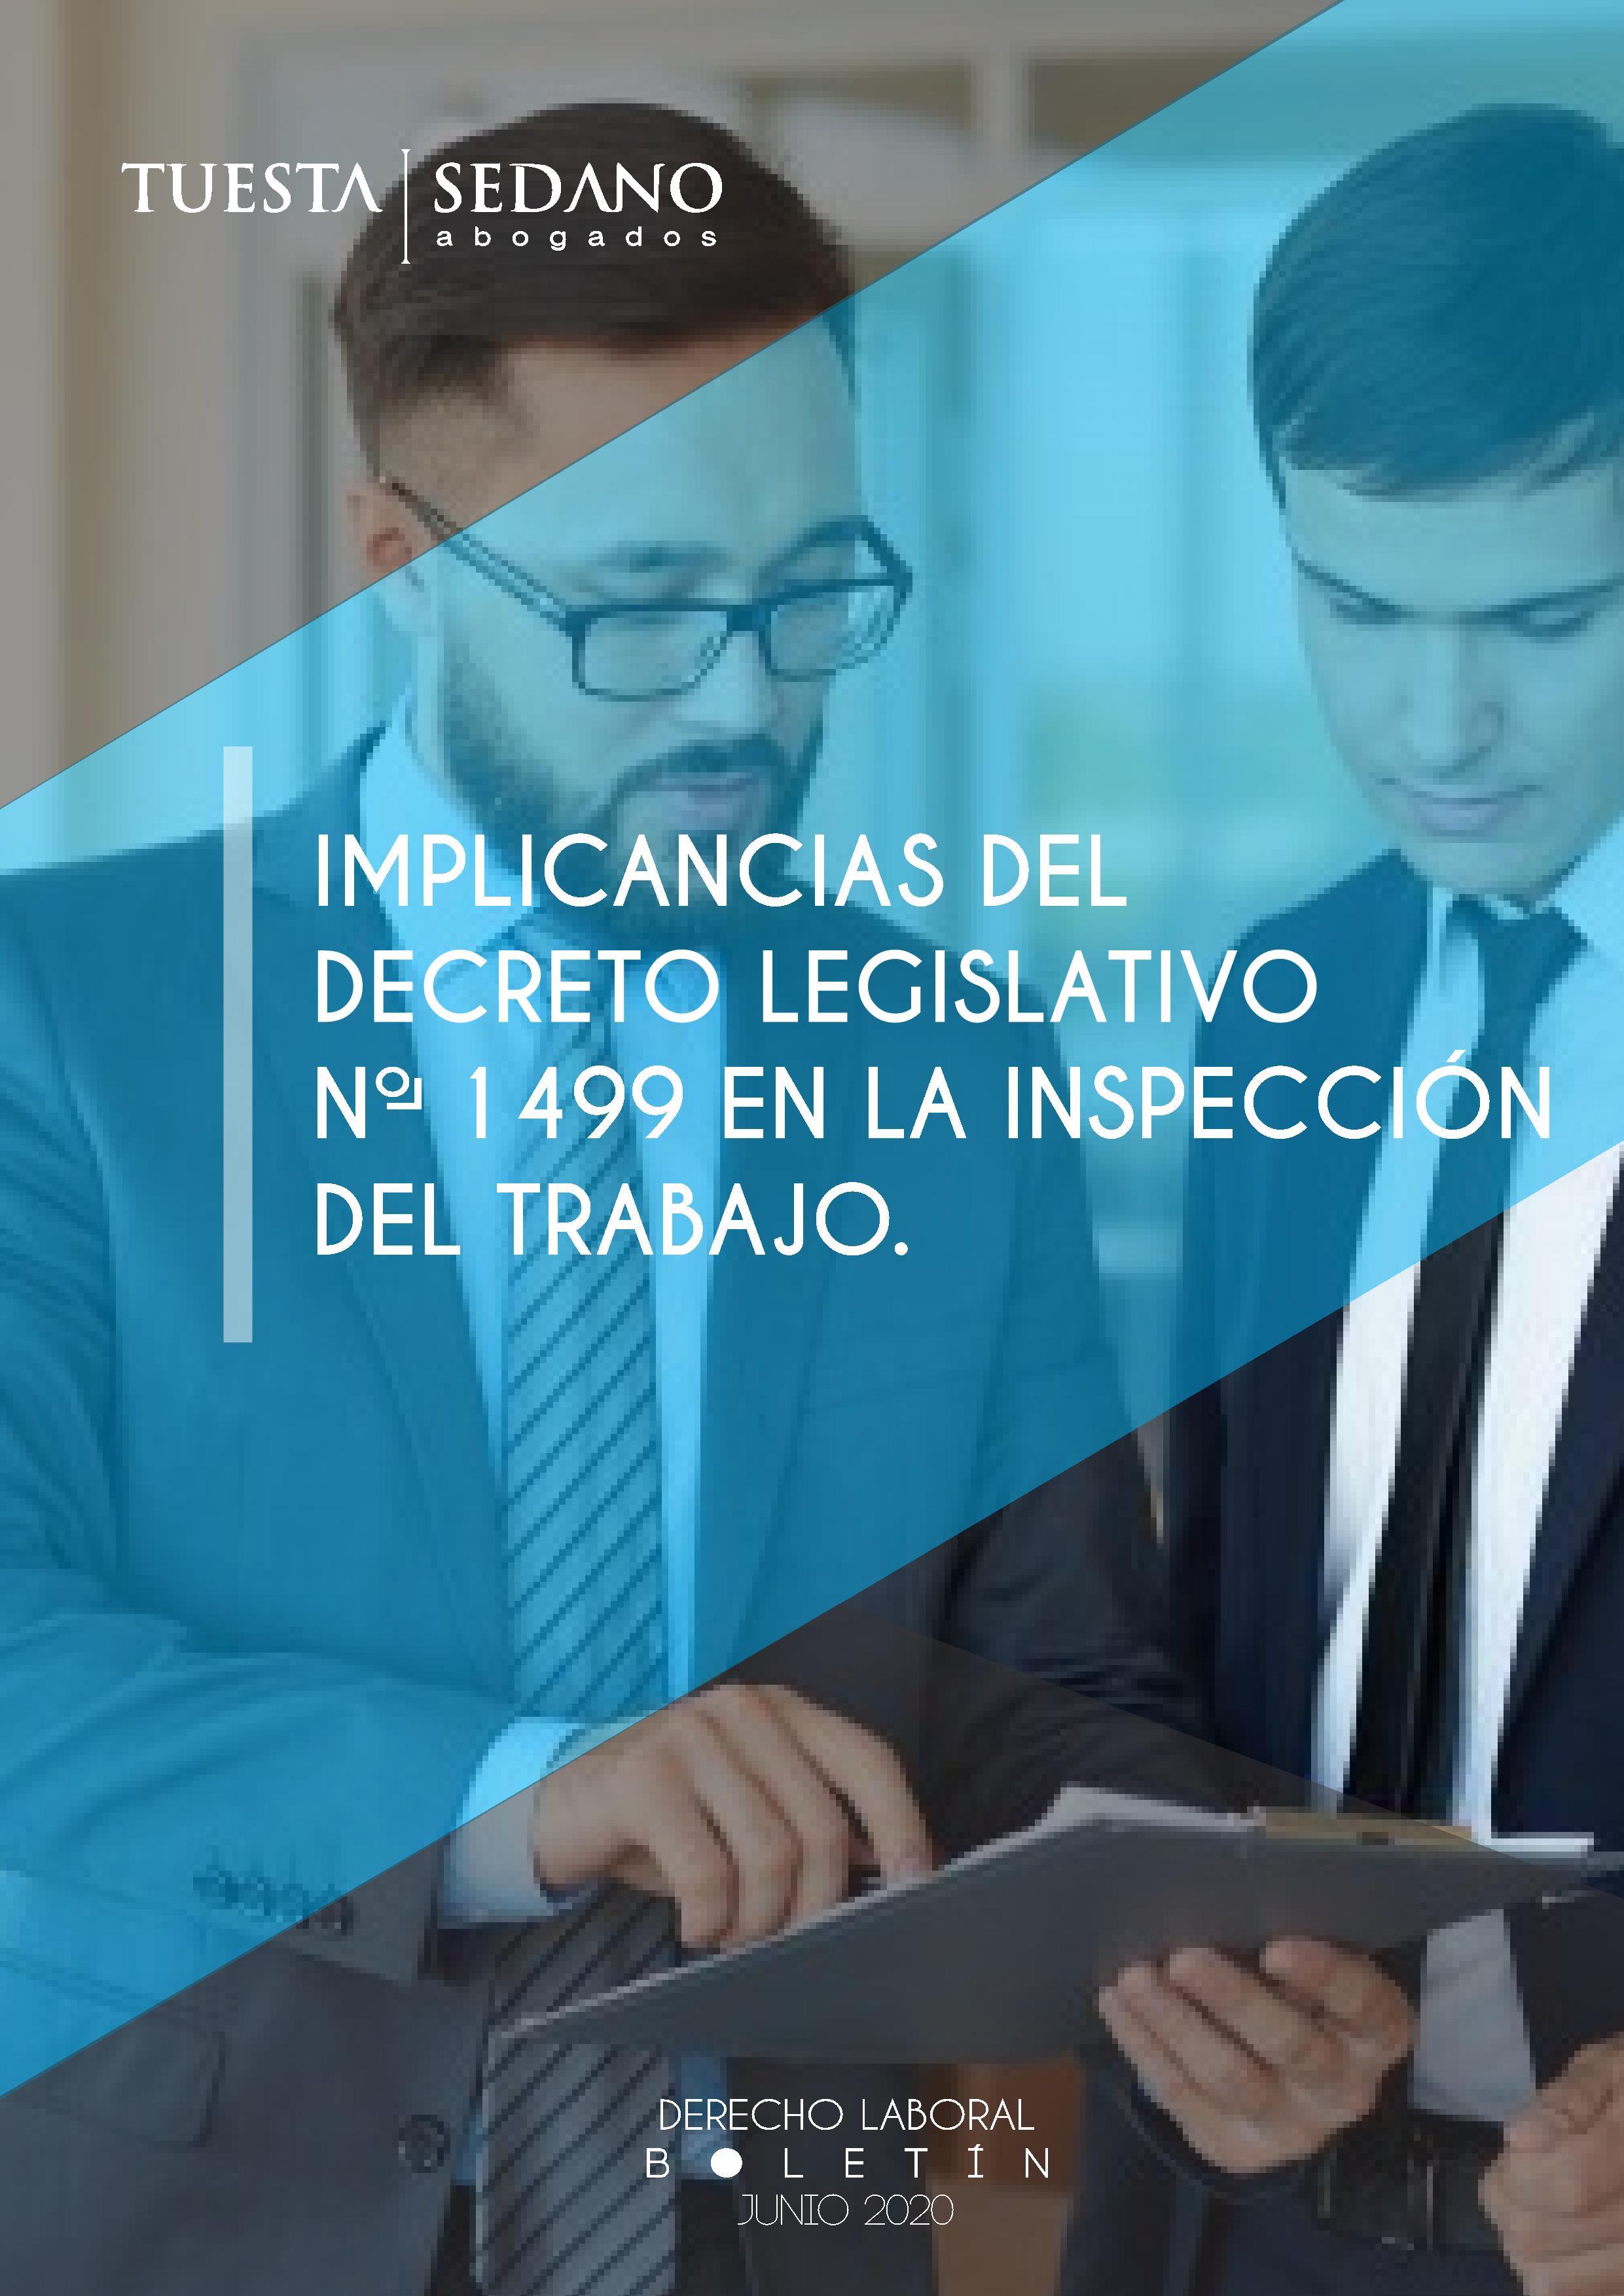 1-IMPLICANCIAS DEL DECRETO LEGISLATIVO No.1499 EN LA INSPECCIÓN DEL TRABAJO